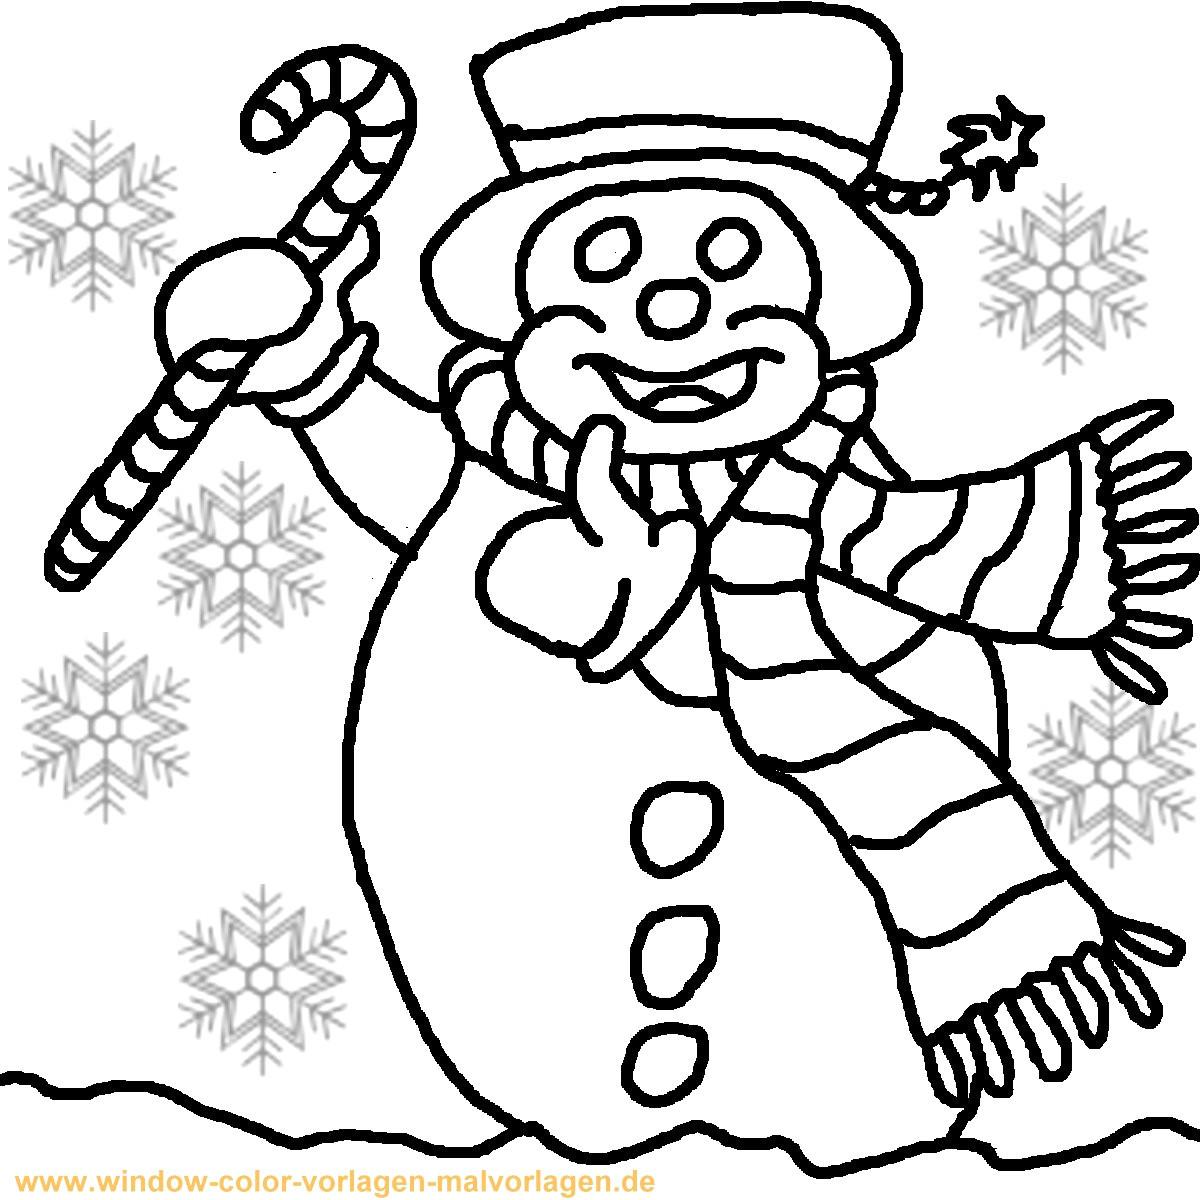 Malvorlagen Weihnachten Winter  Ausmalbild Schneemann